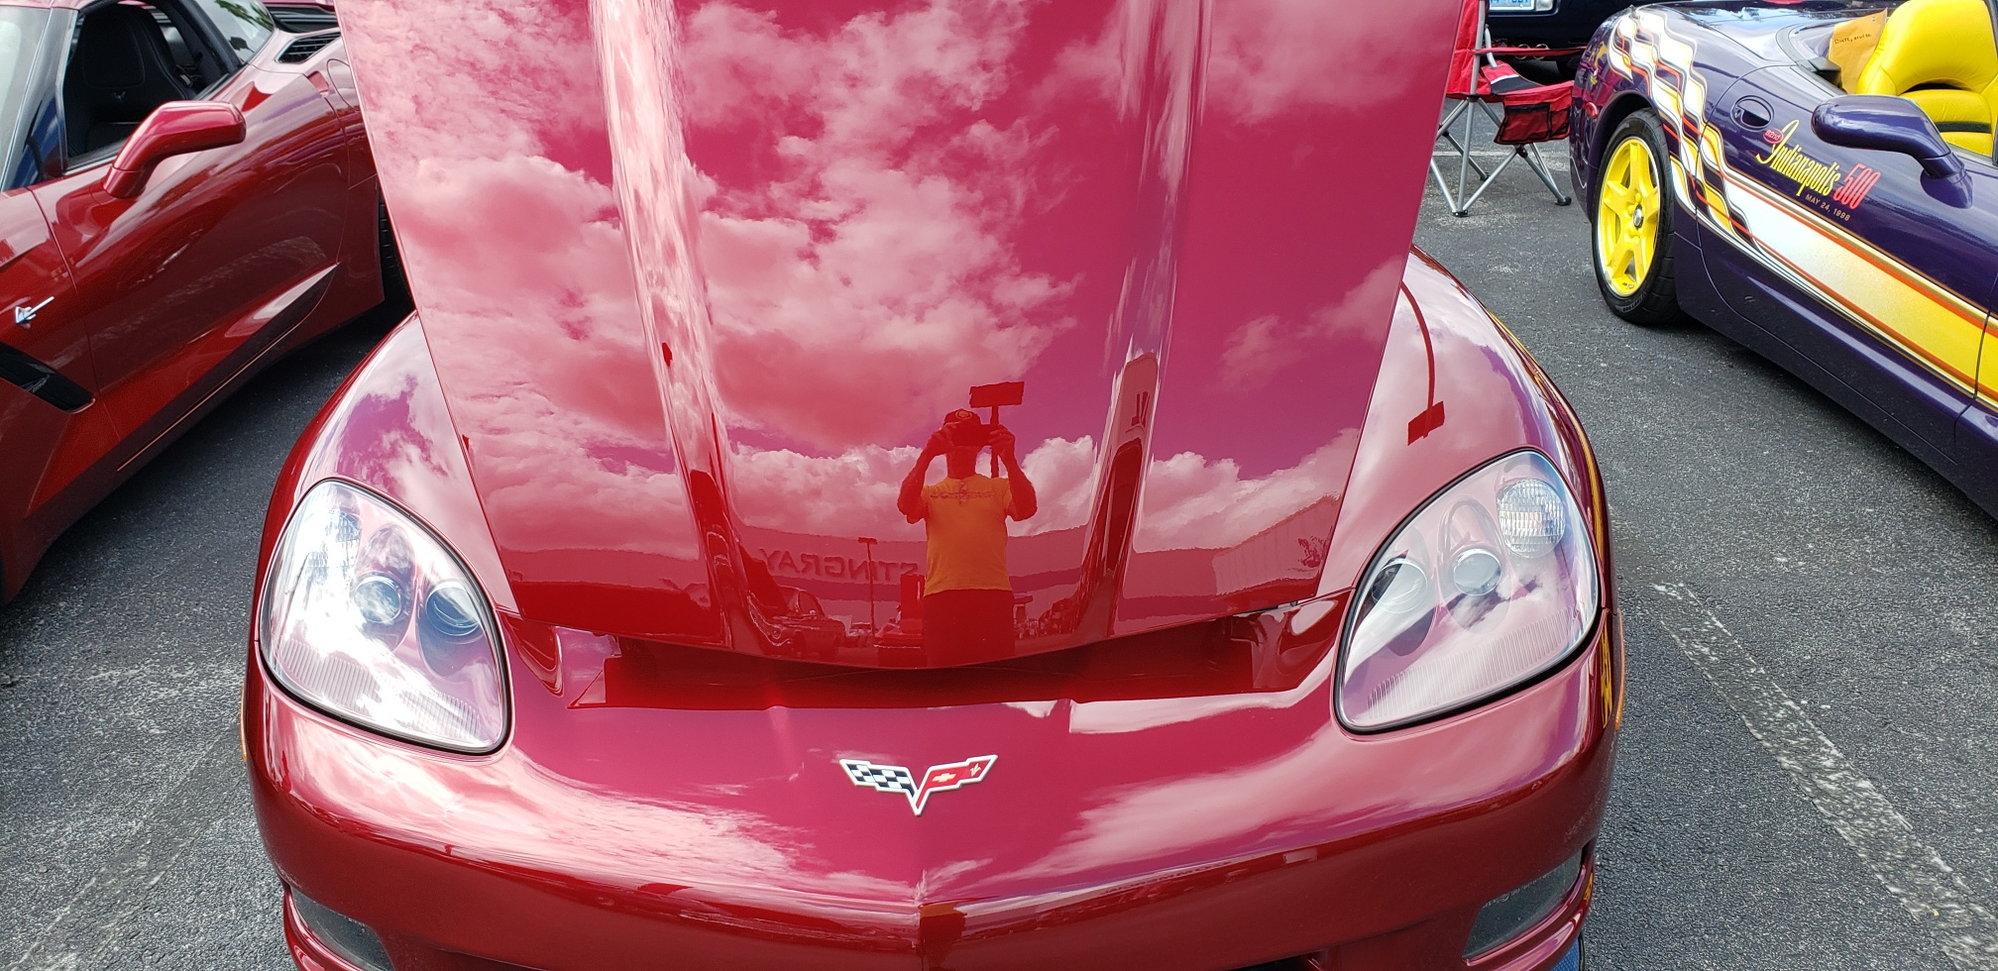 Finishing Polish Corvetteforum Chevrolet Corvette